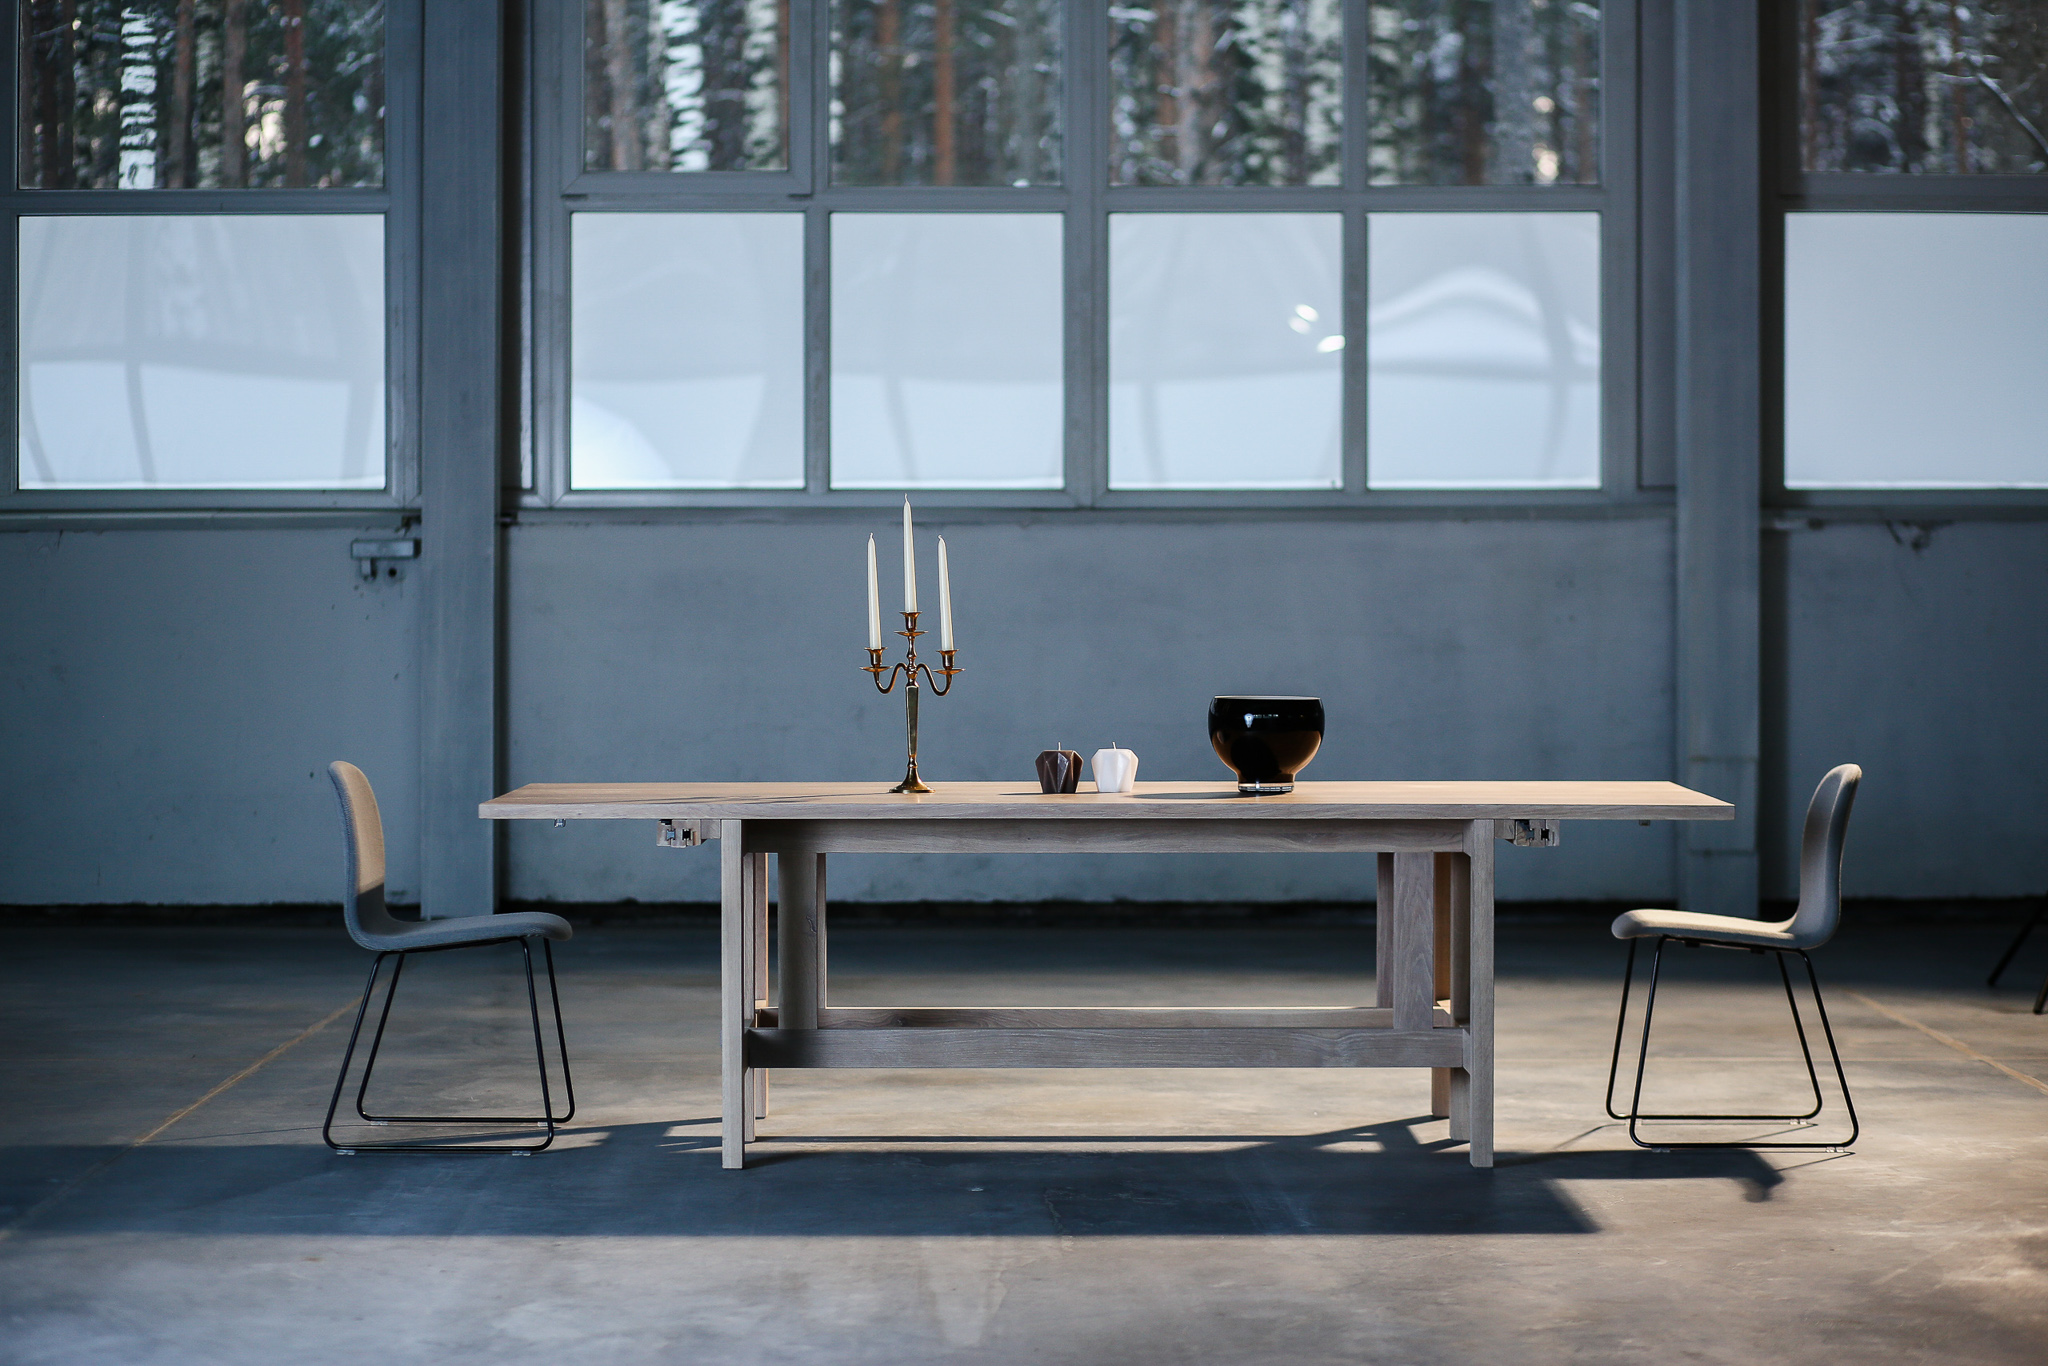 Dižozols bent wood design tables (4)